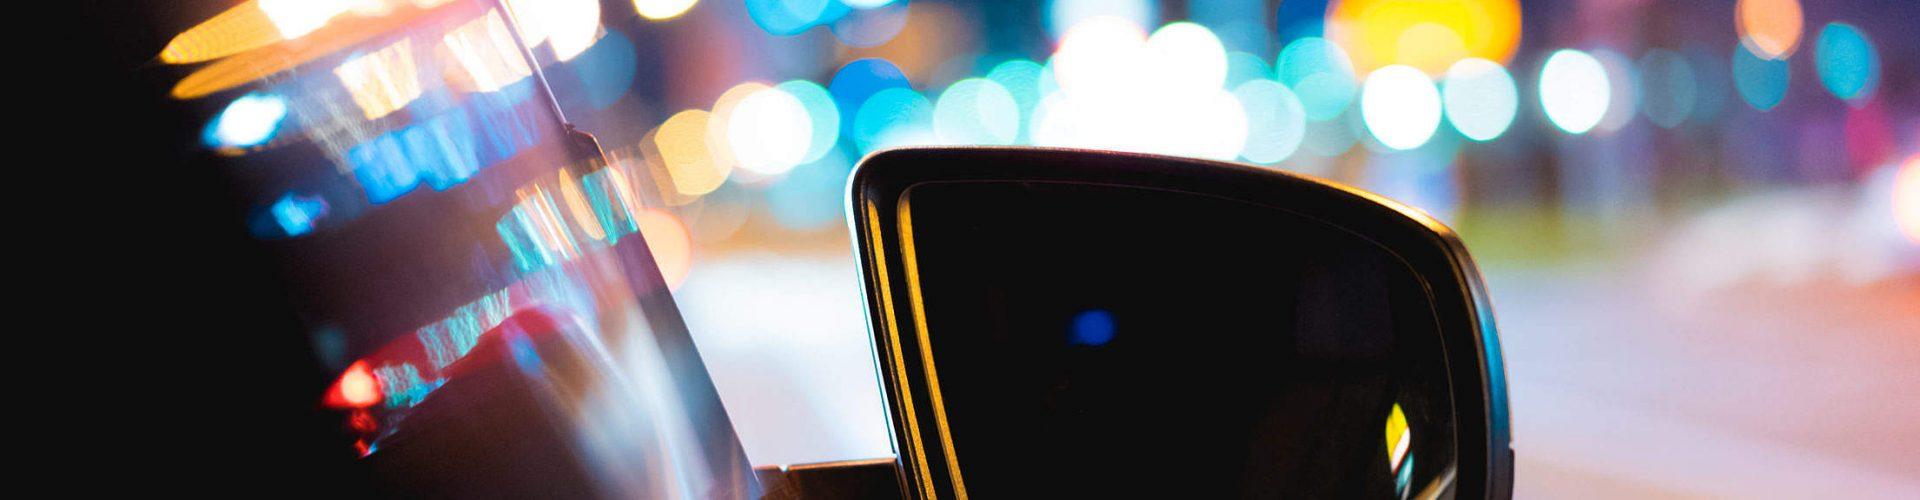 L'émergence d'acteurs relais essentiels, le mandataire auto et Internet